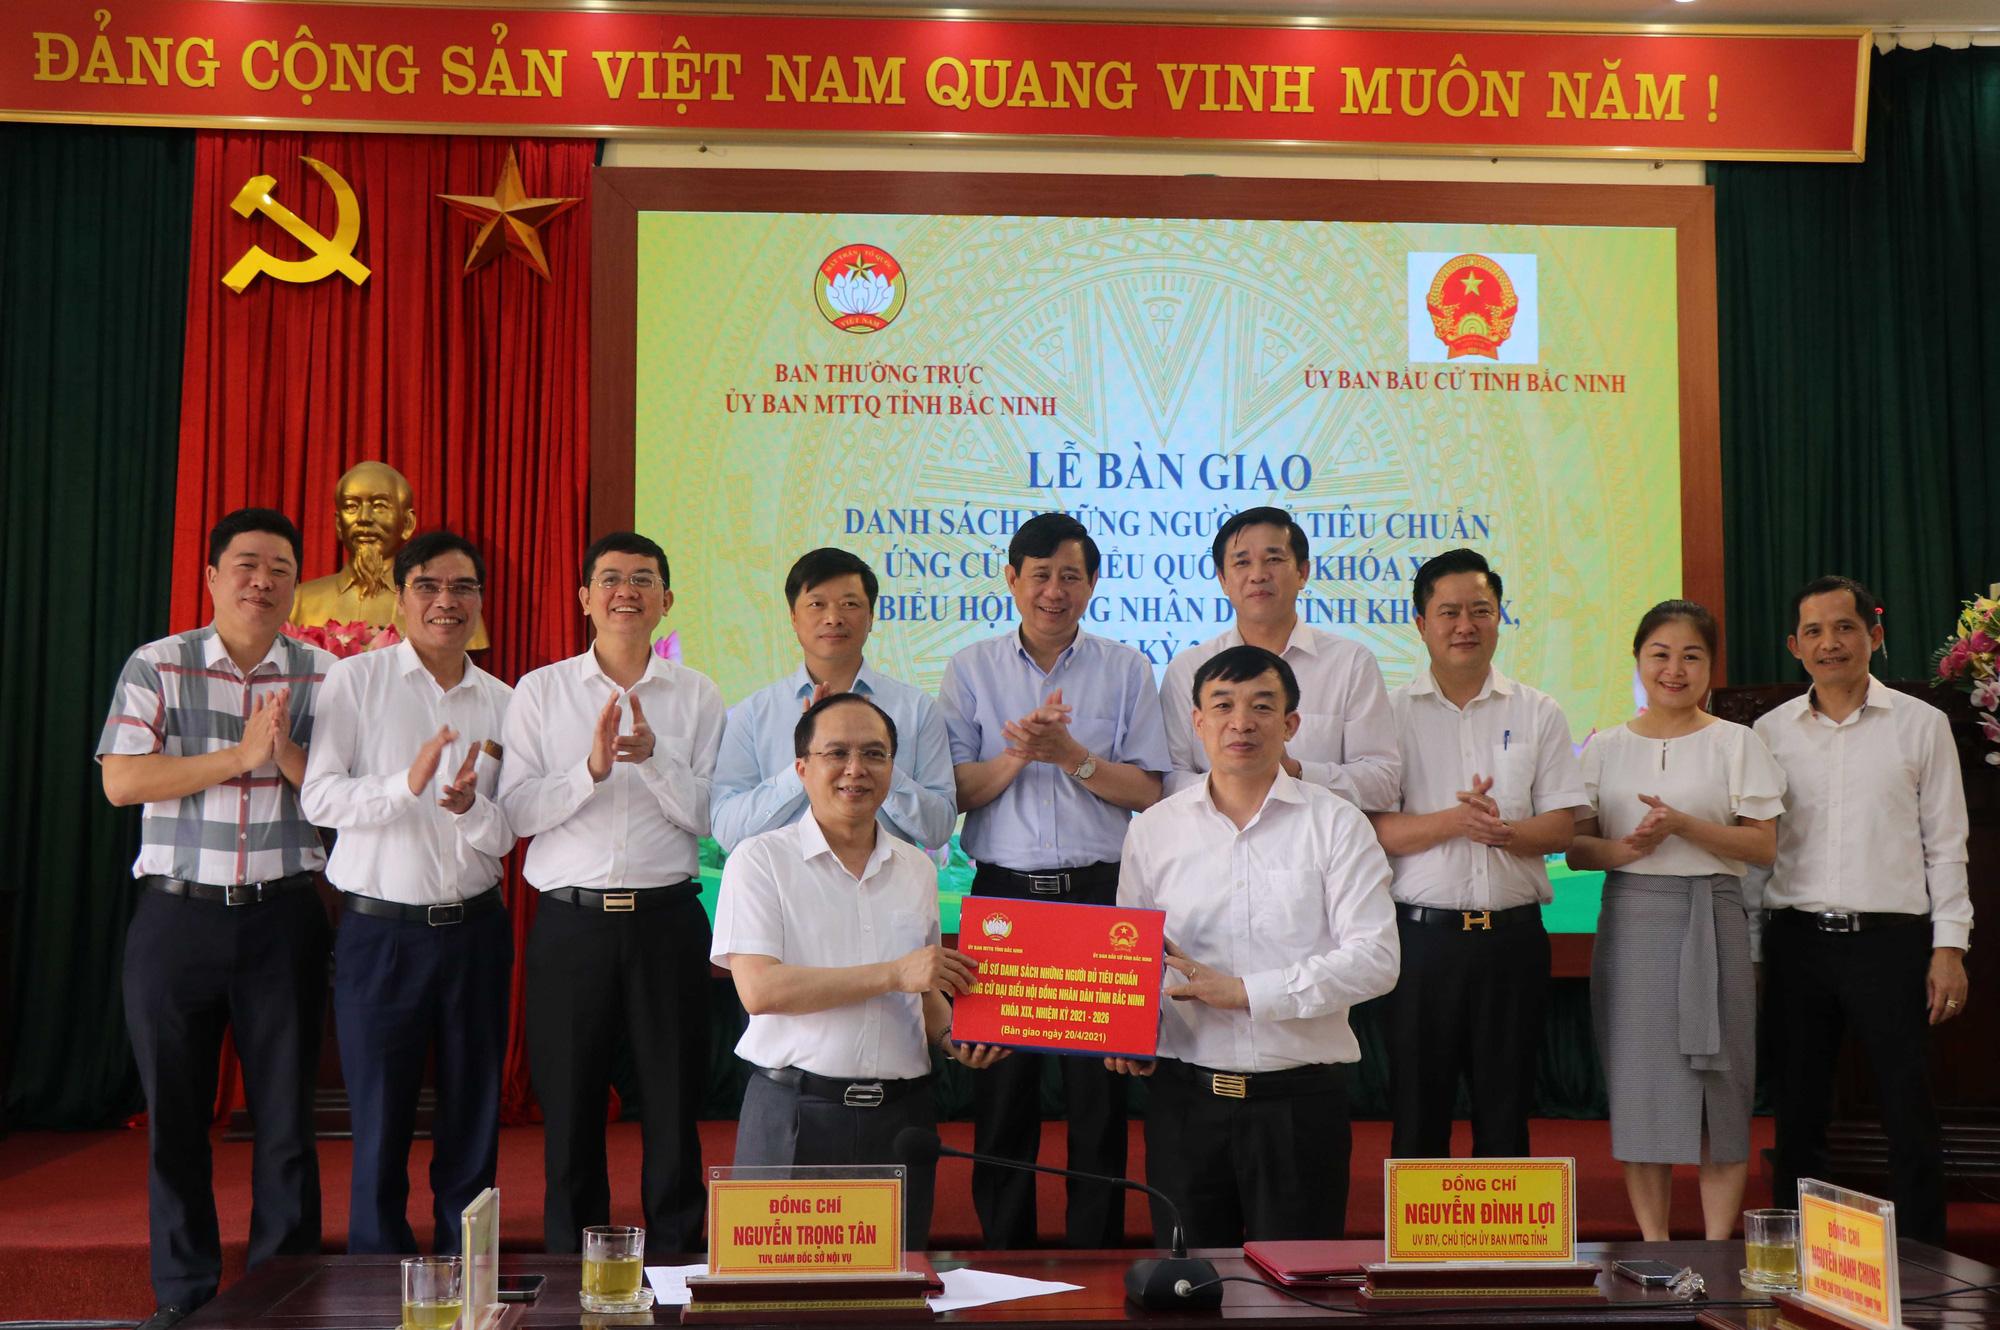 Bắc Ninh: Bí thư Tỉnh ủy Đào Hồng Lan đủ tiêu chuẩn ứng cử đại biểu Quốc hội khóa XV - Ảnh 2.